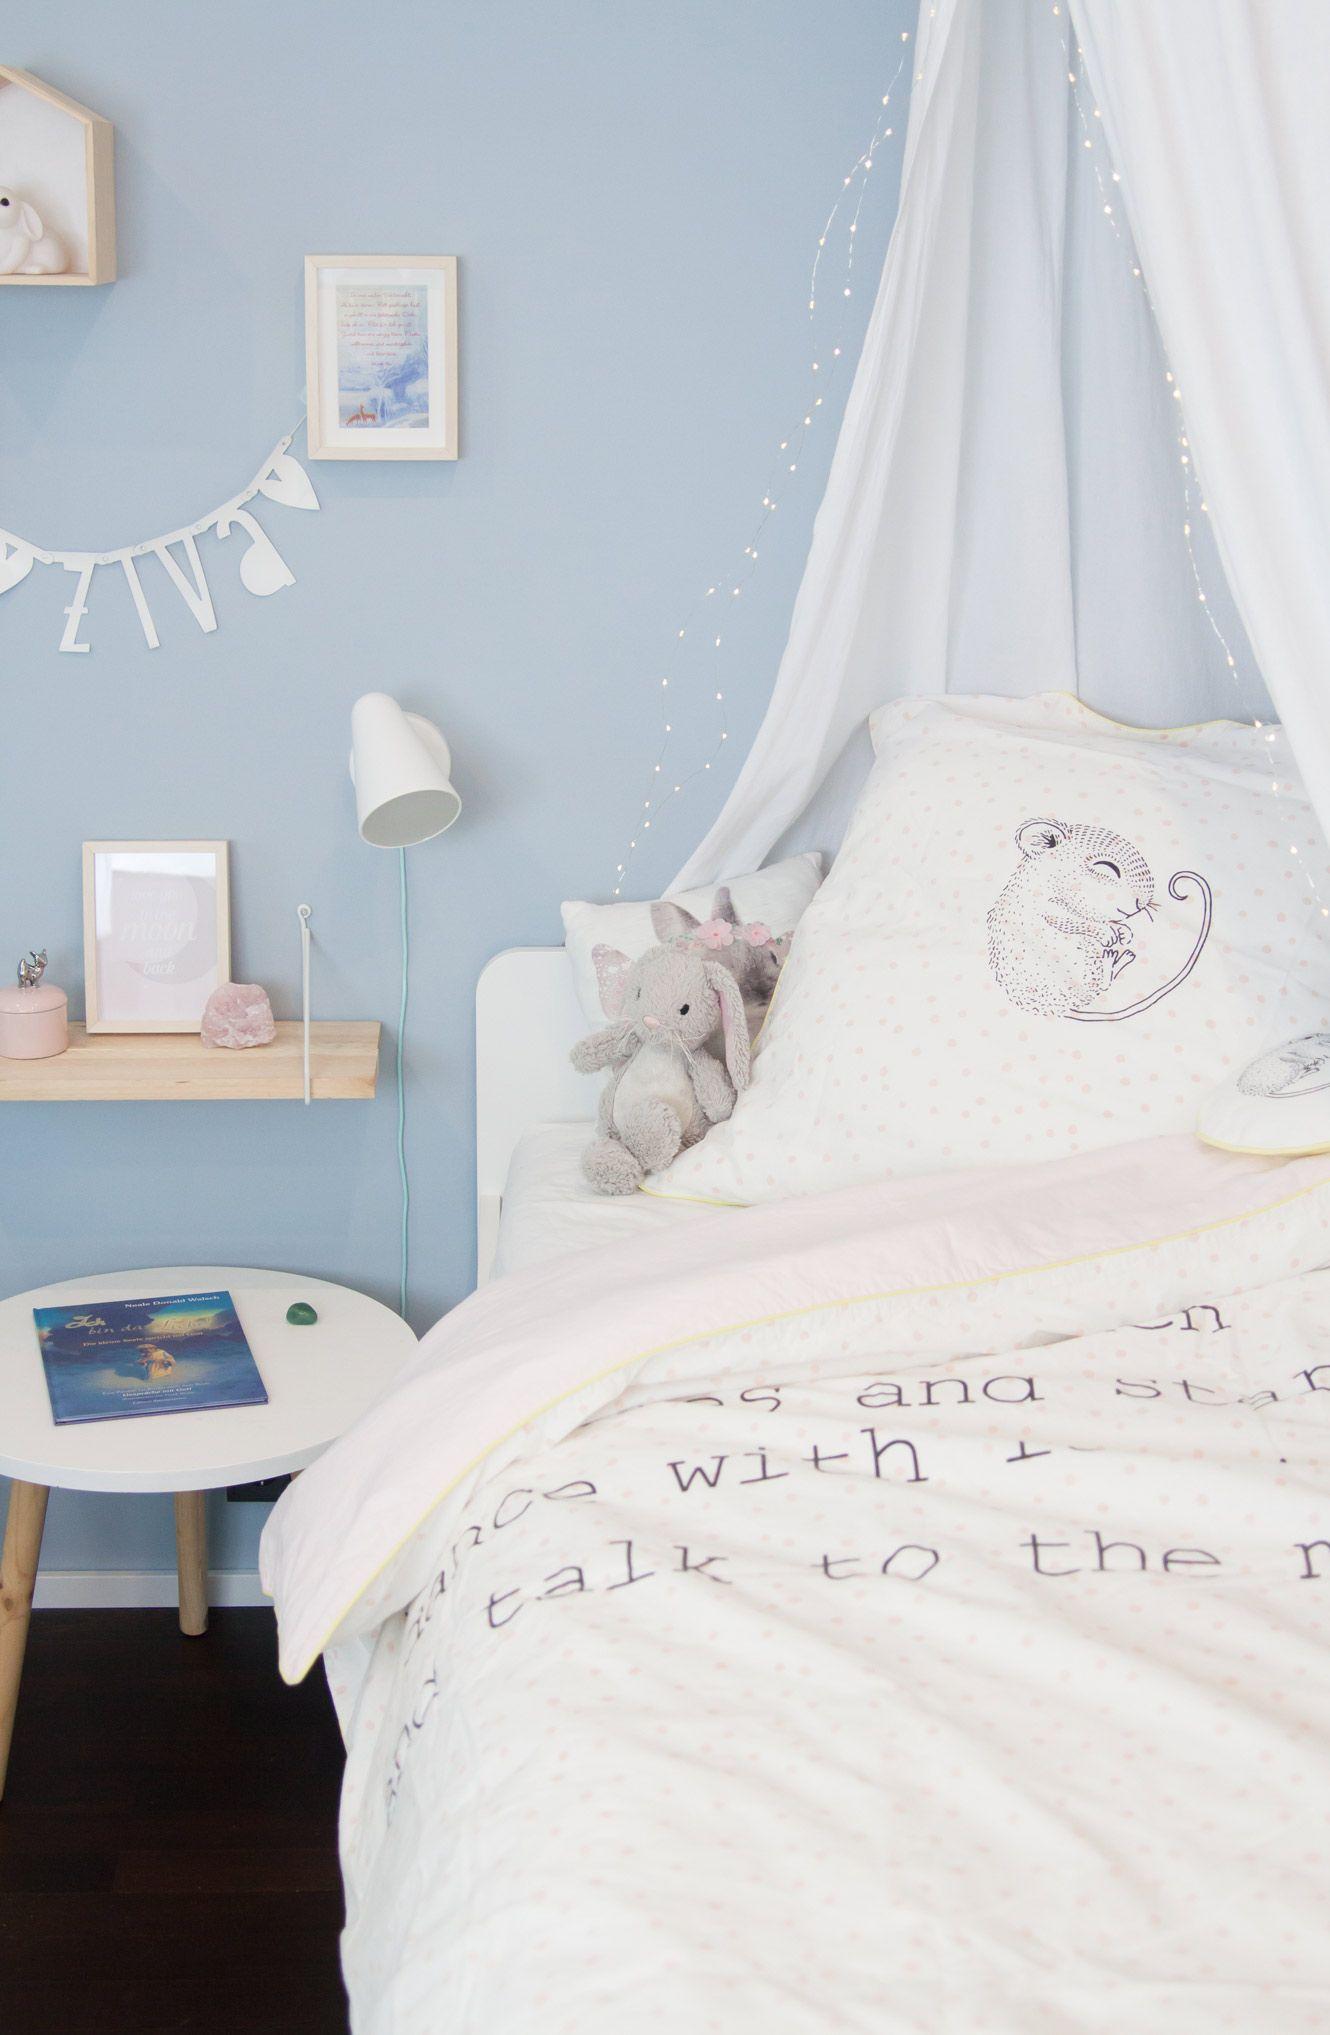 Kinderzimmer Fur Madchen In Hellblau Soul Follows Design Kinderzimmer Fur Madchen Wandfarbe Kinderzimmer Kinder Zimmer